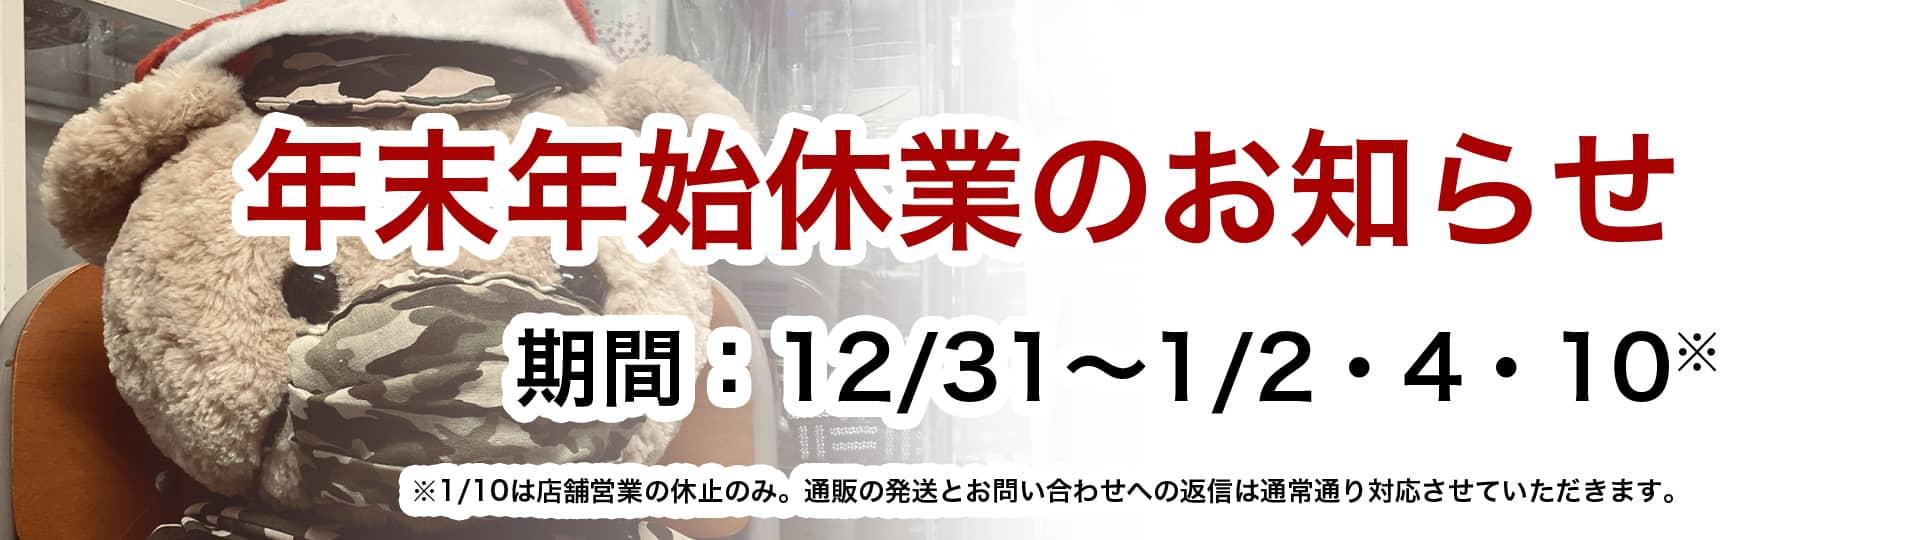 【12/31~1/2・4・10】年末年始休業のお知らせ